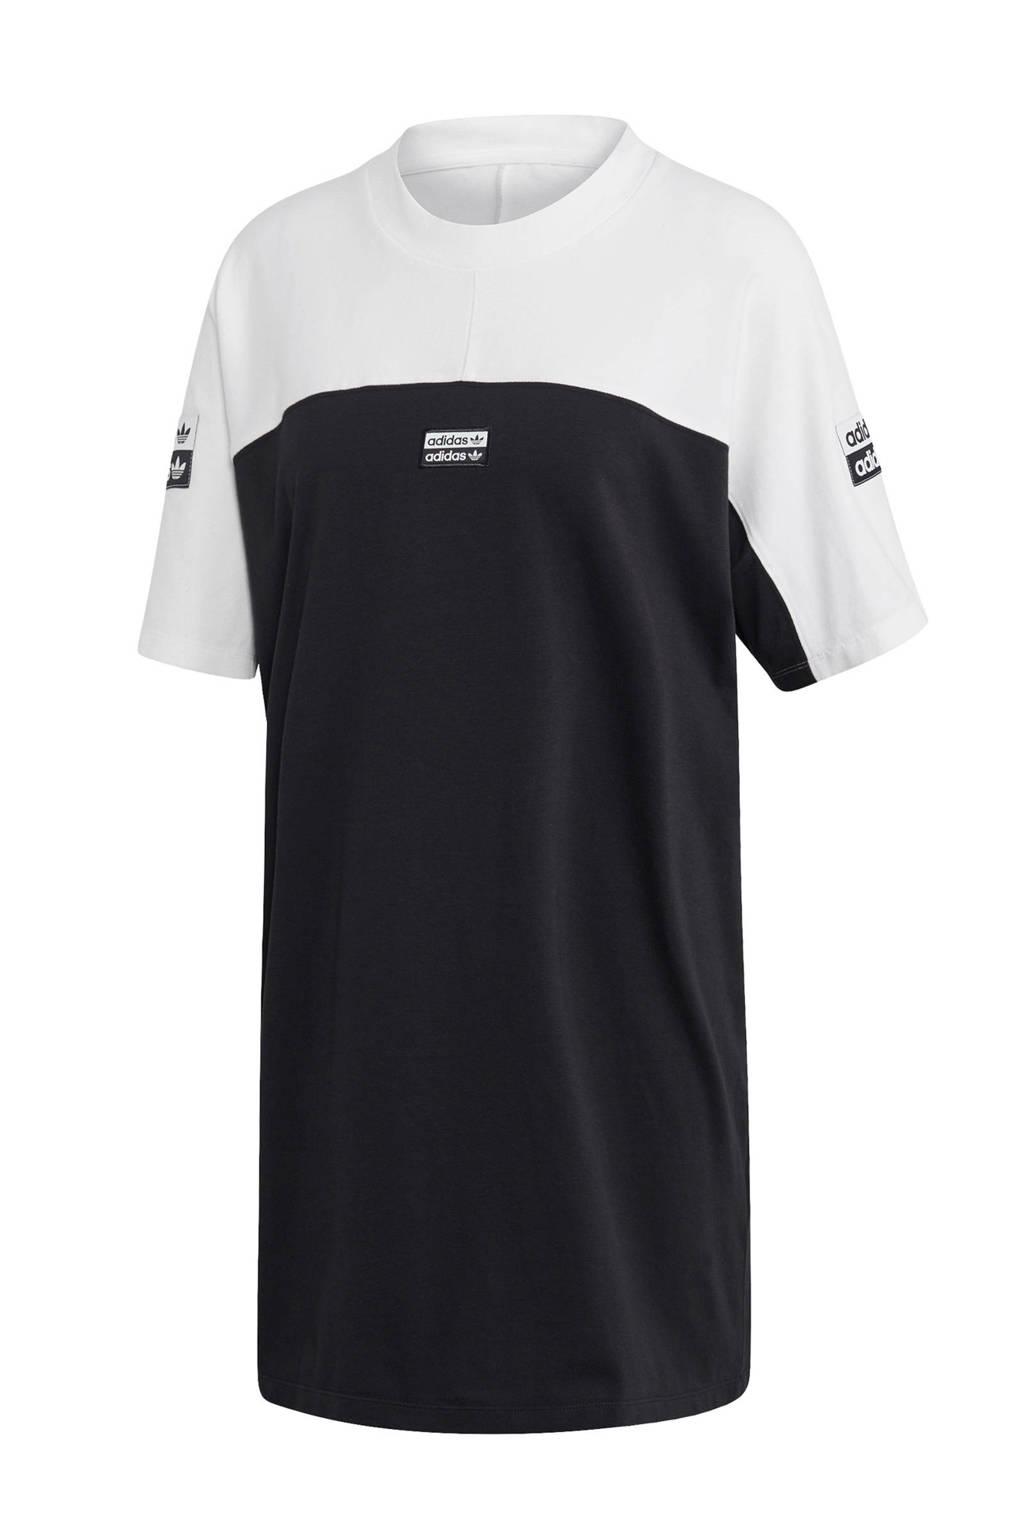 adidas originals jurk, Zwart/wit